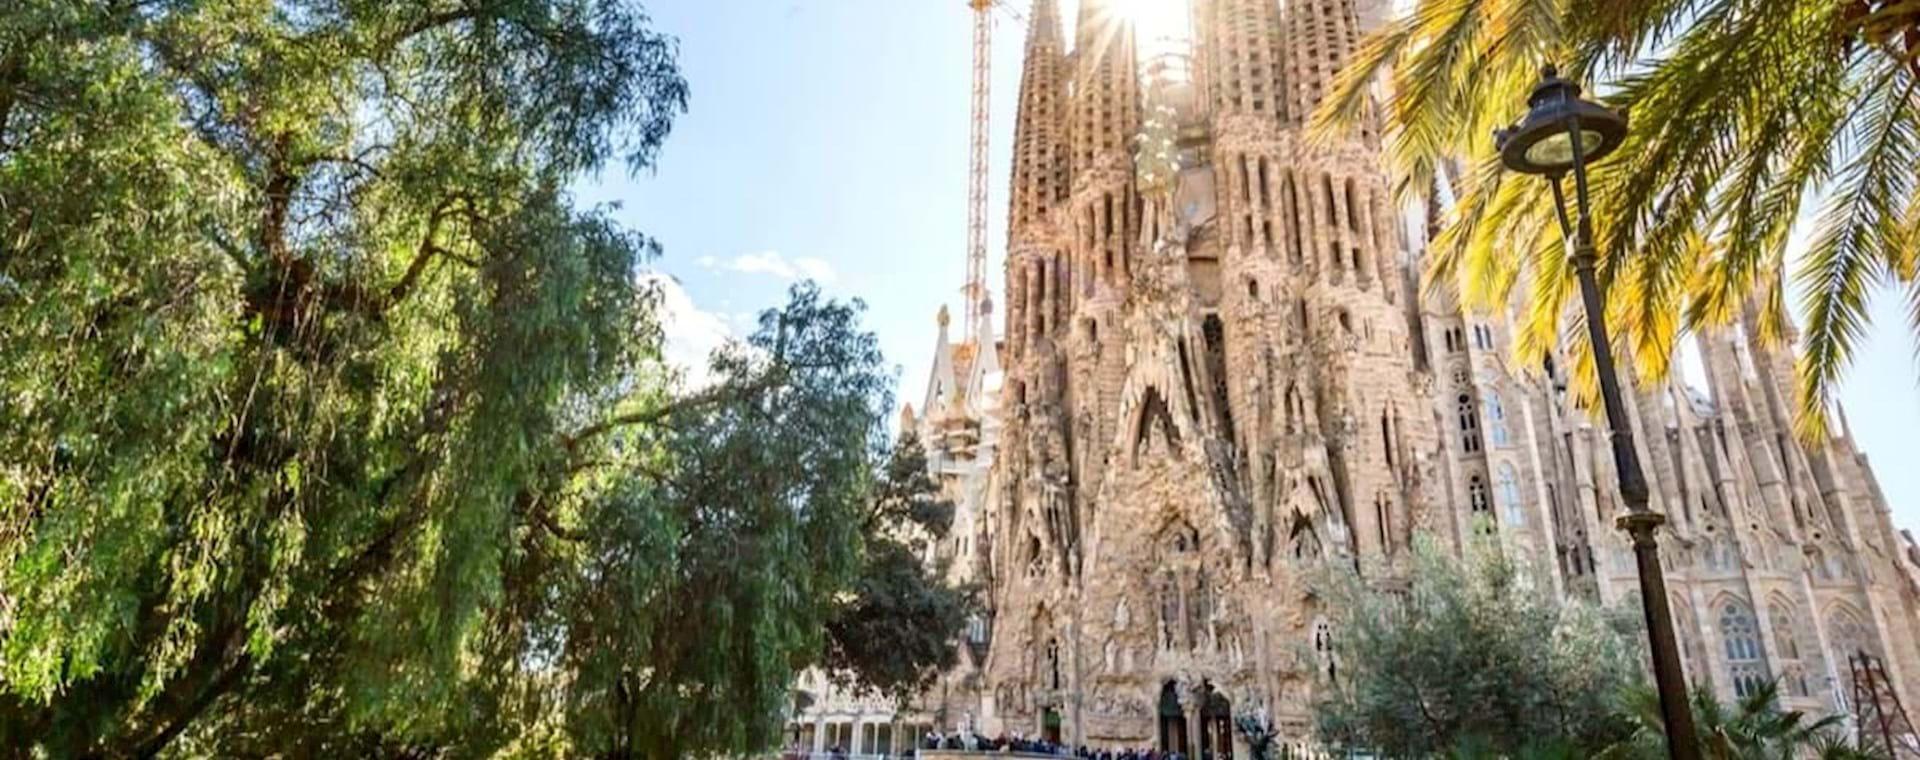 Sagrada Família beautiful facade by Gaudí